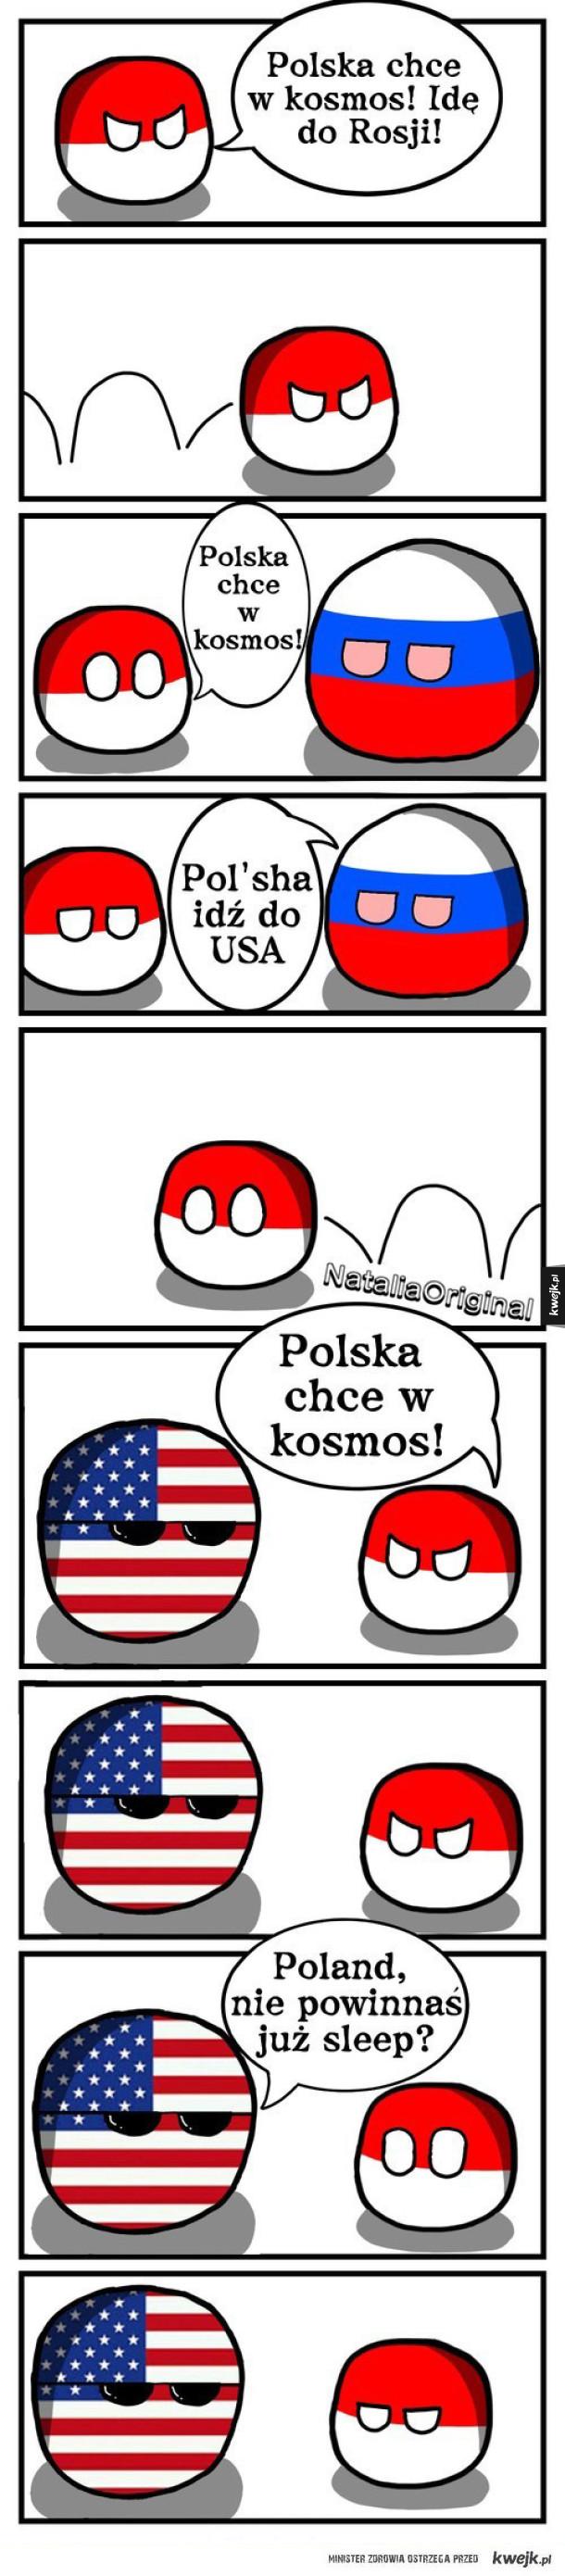 Dlatego Polska jeszcze nie była w kosmosie